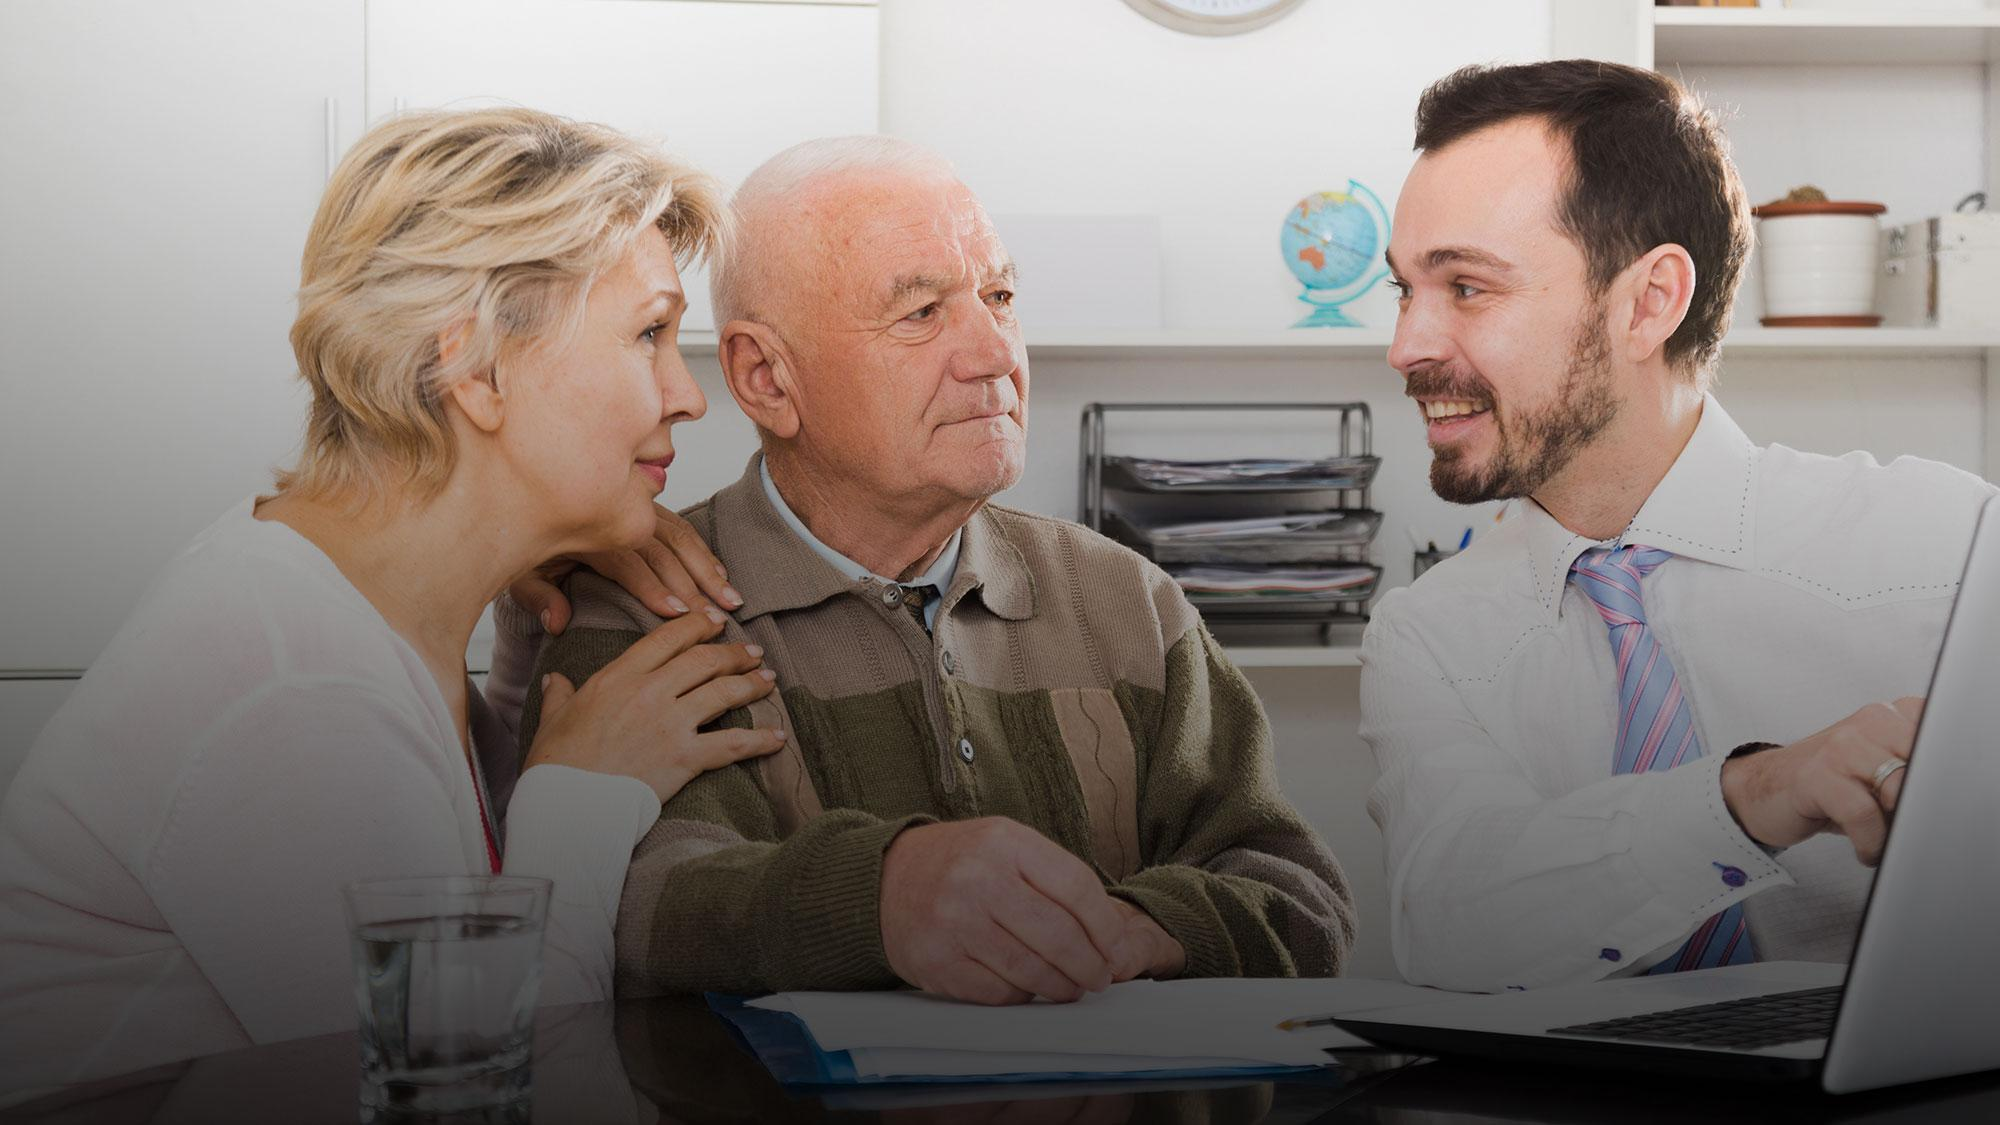 Ловушка для пенсионеров. Как сотрудники банков наживаются на пожилых клиентах